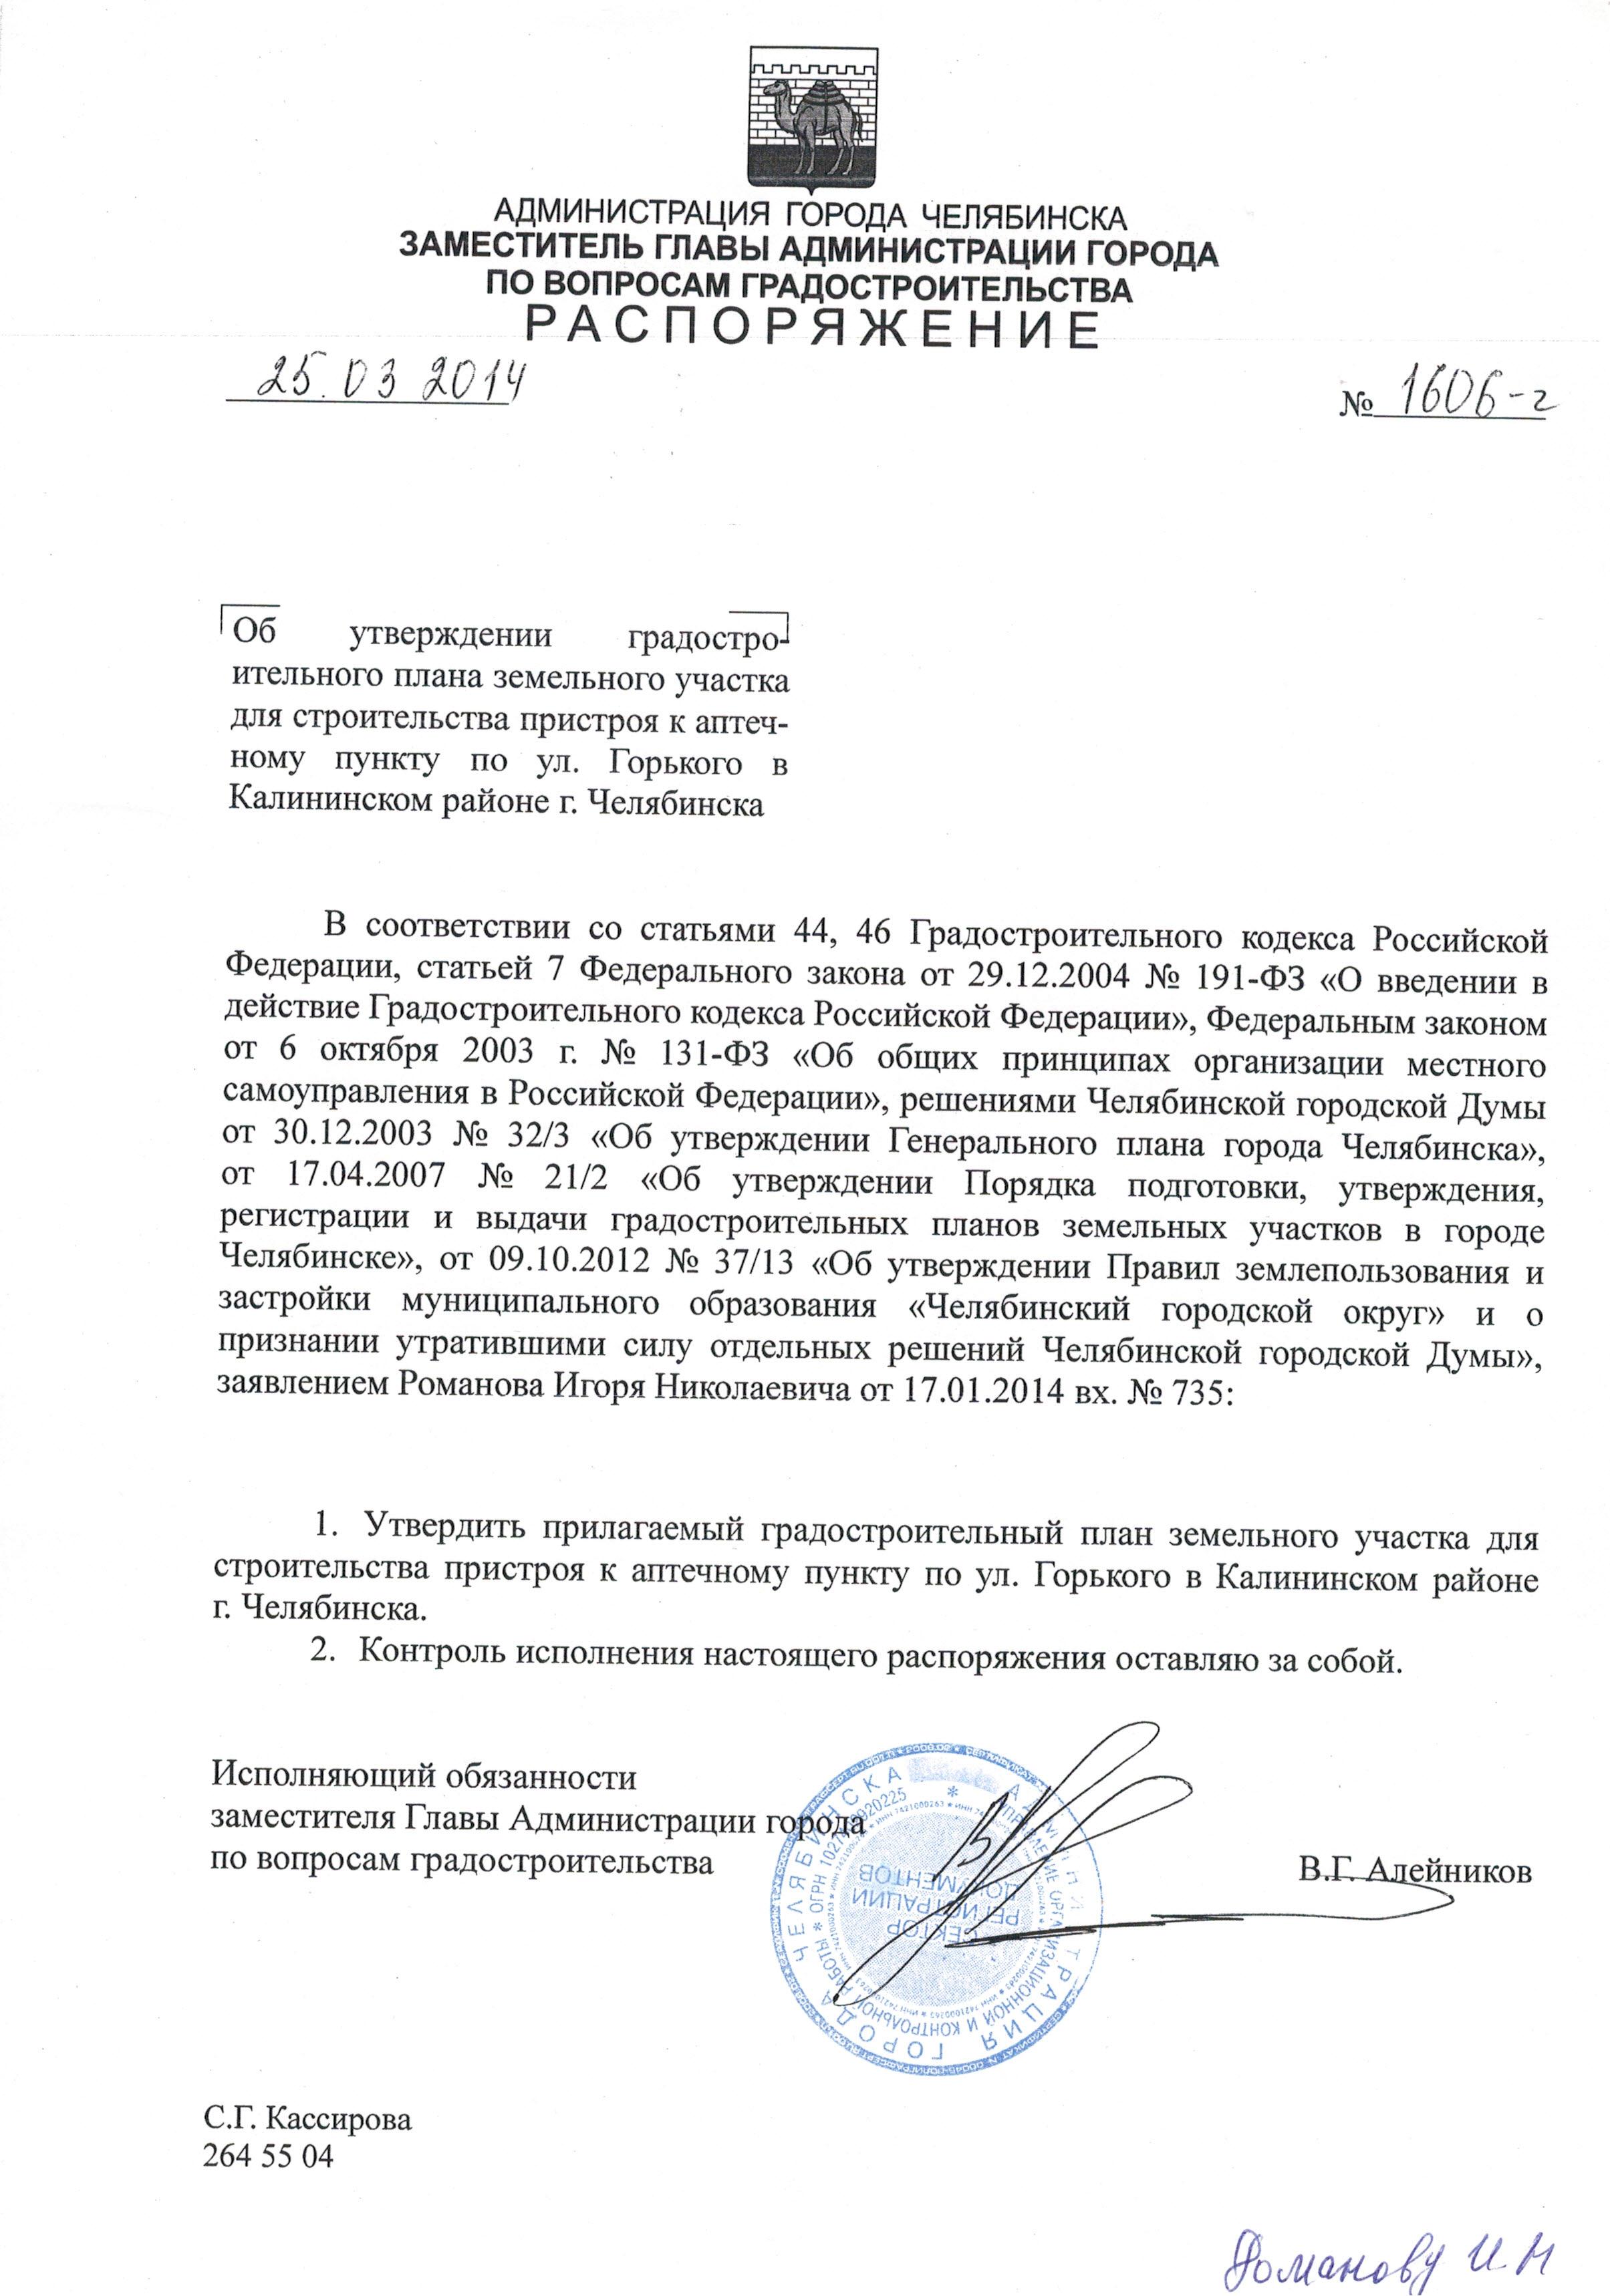 Распоряжение об утверждении градостроительного плана земельного участка.jpg